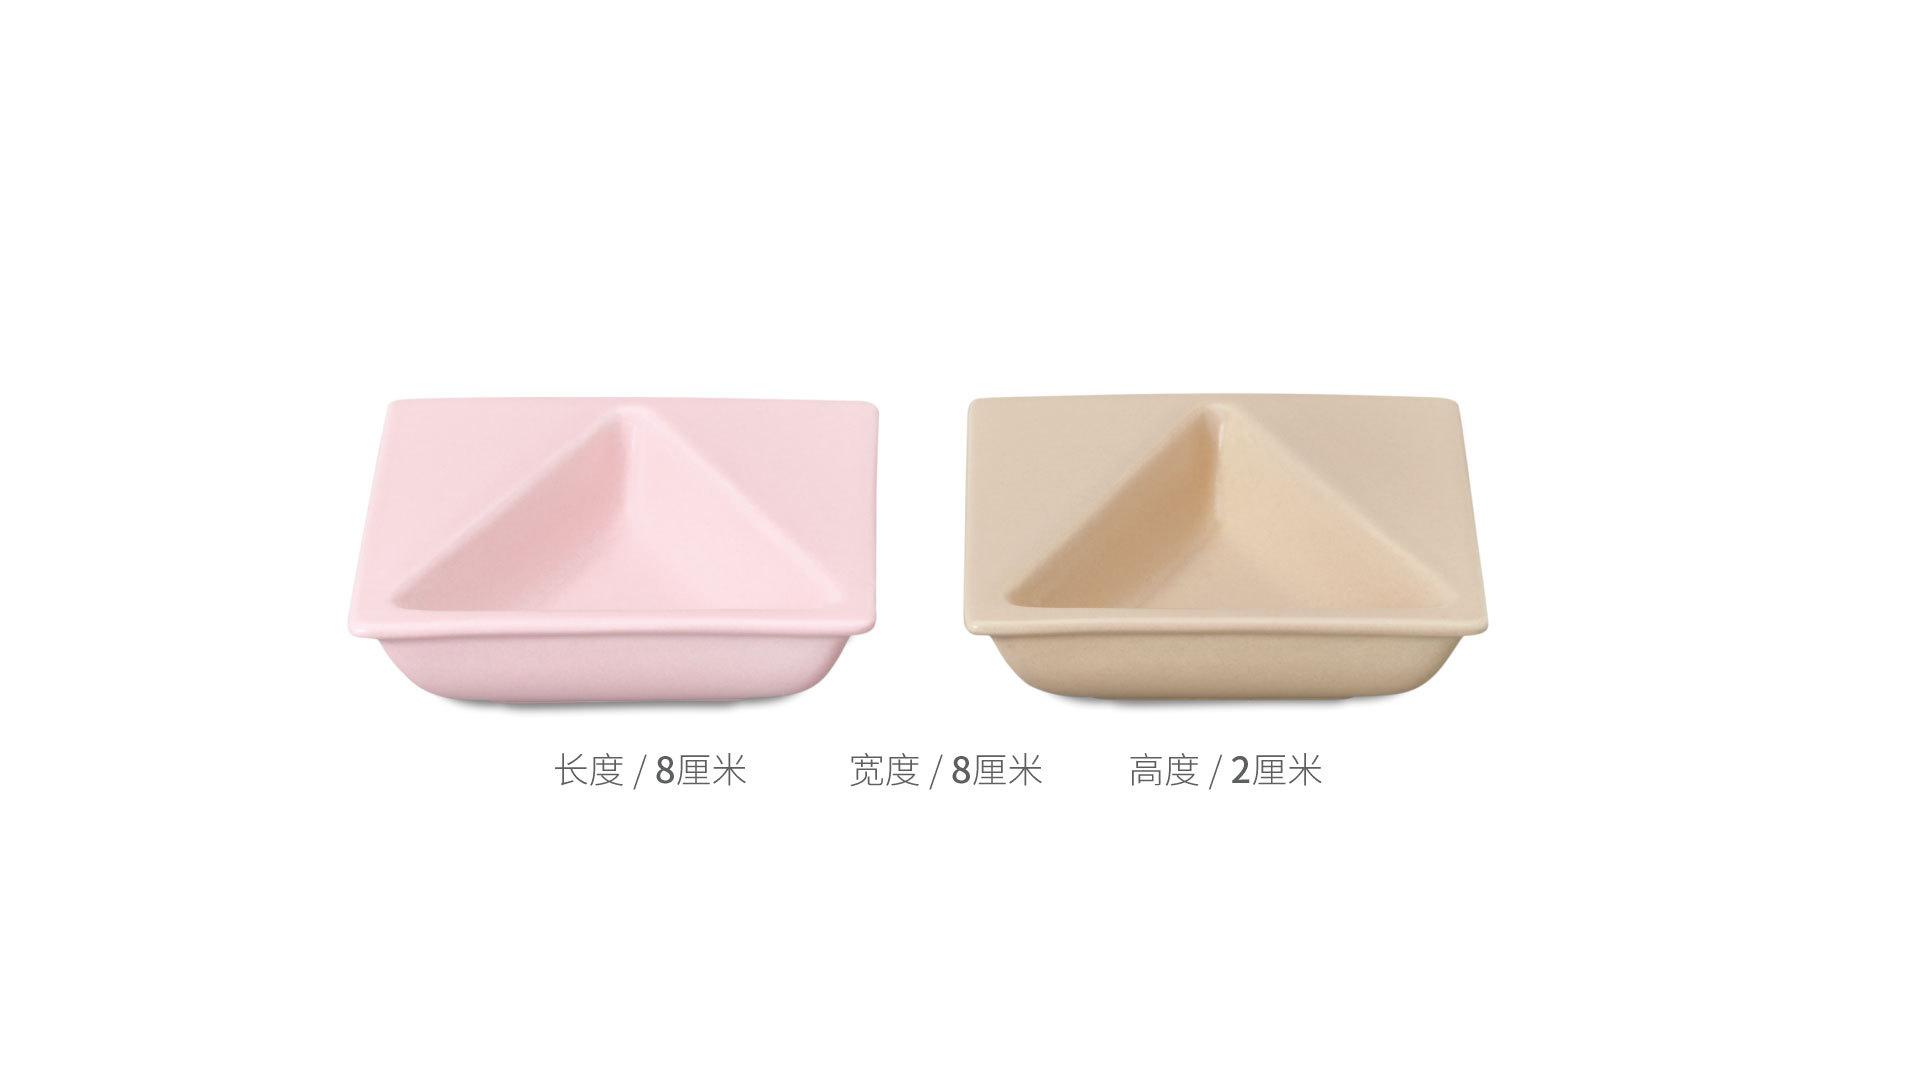 翻糖餐具组小三角方碟套装餐具效果图